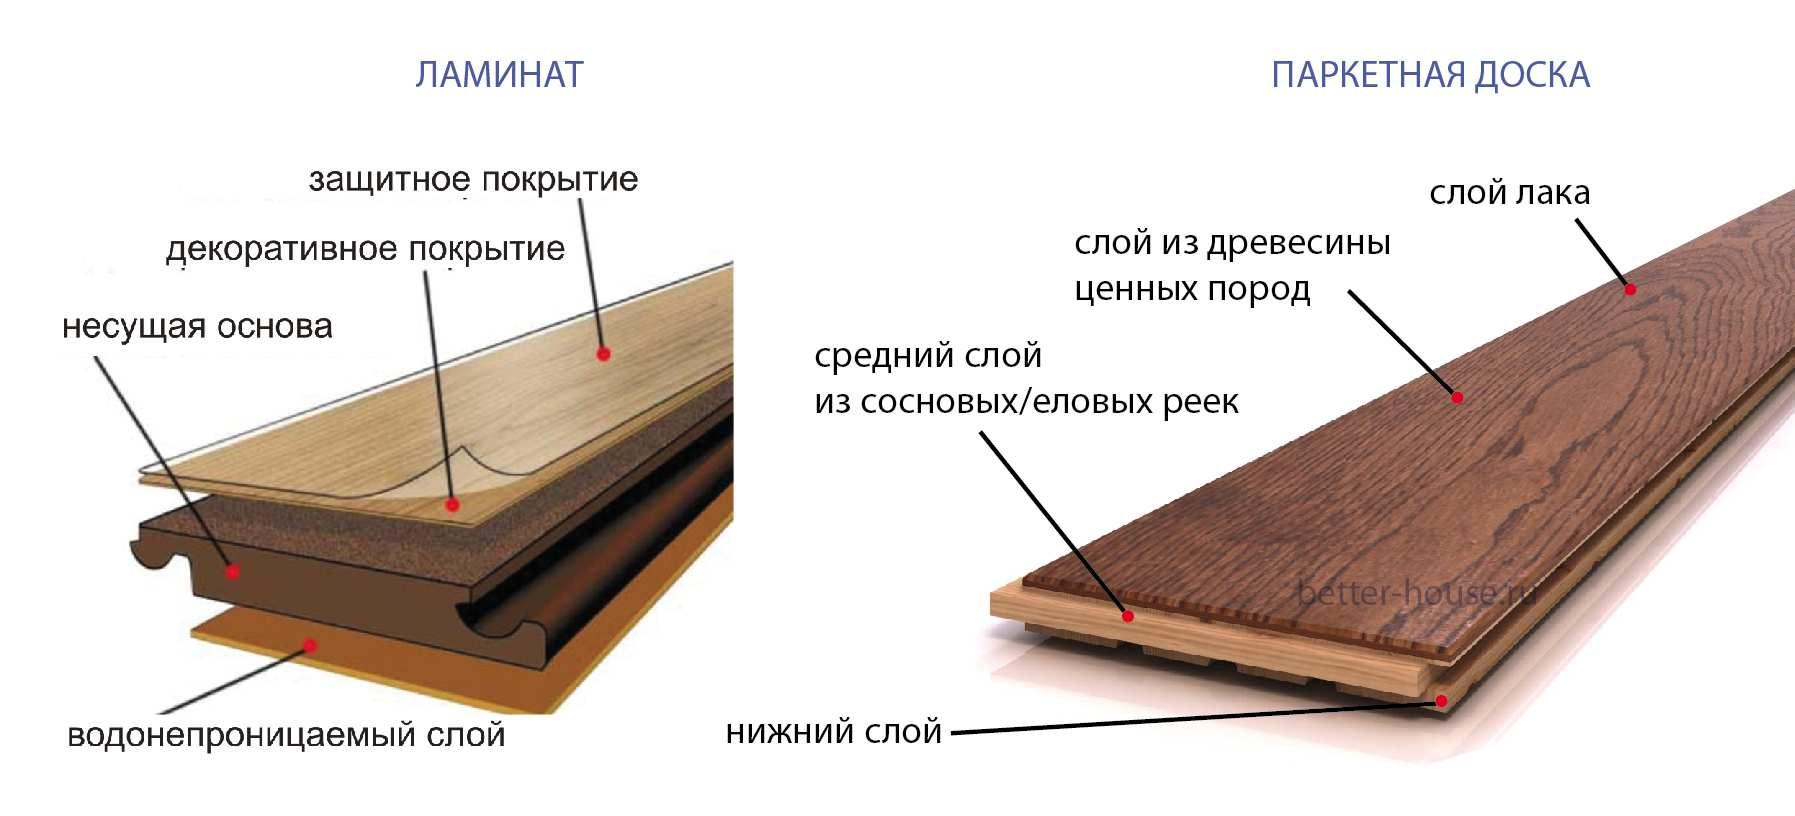 состав доски